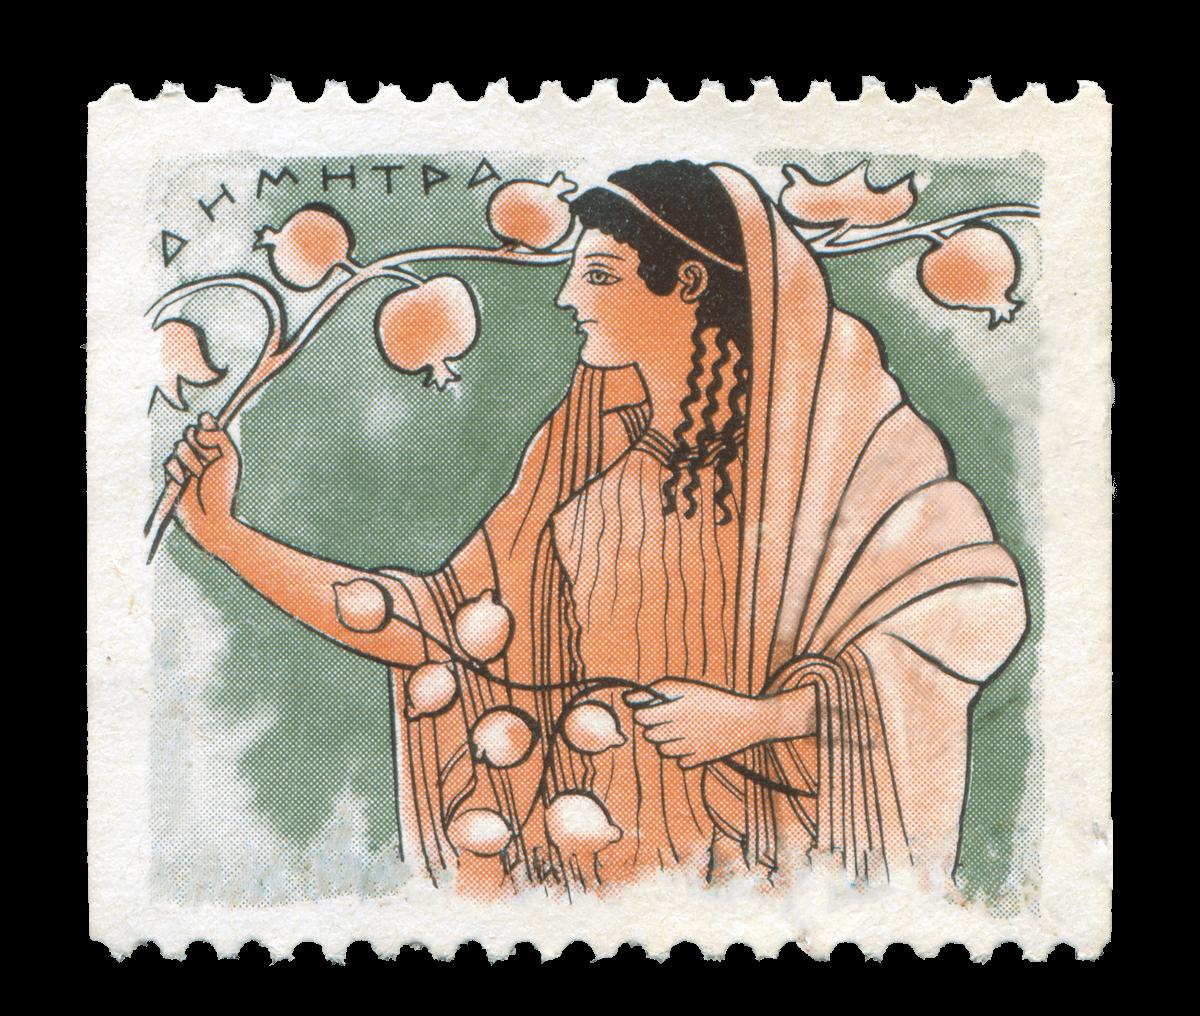 Der Granatapfel stand bereits in der griechischen Mythologie für Fruchtbarkeit und Langlebigkeit